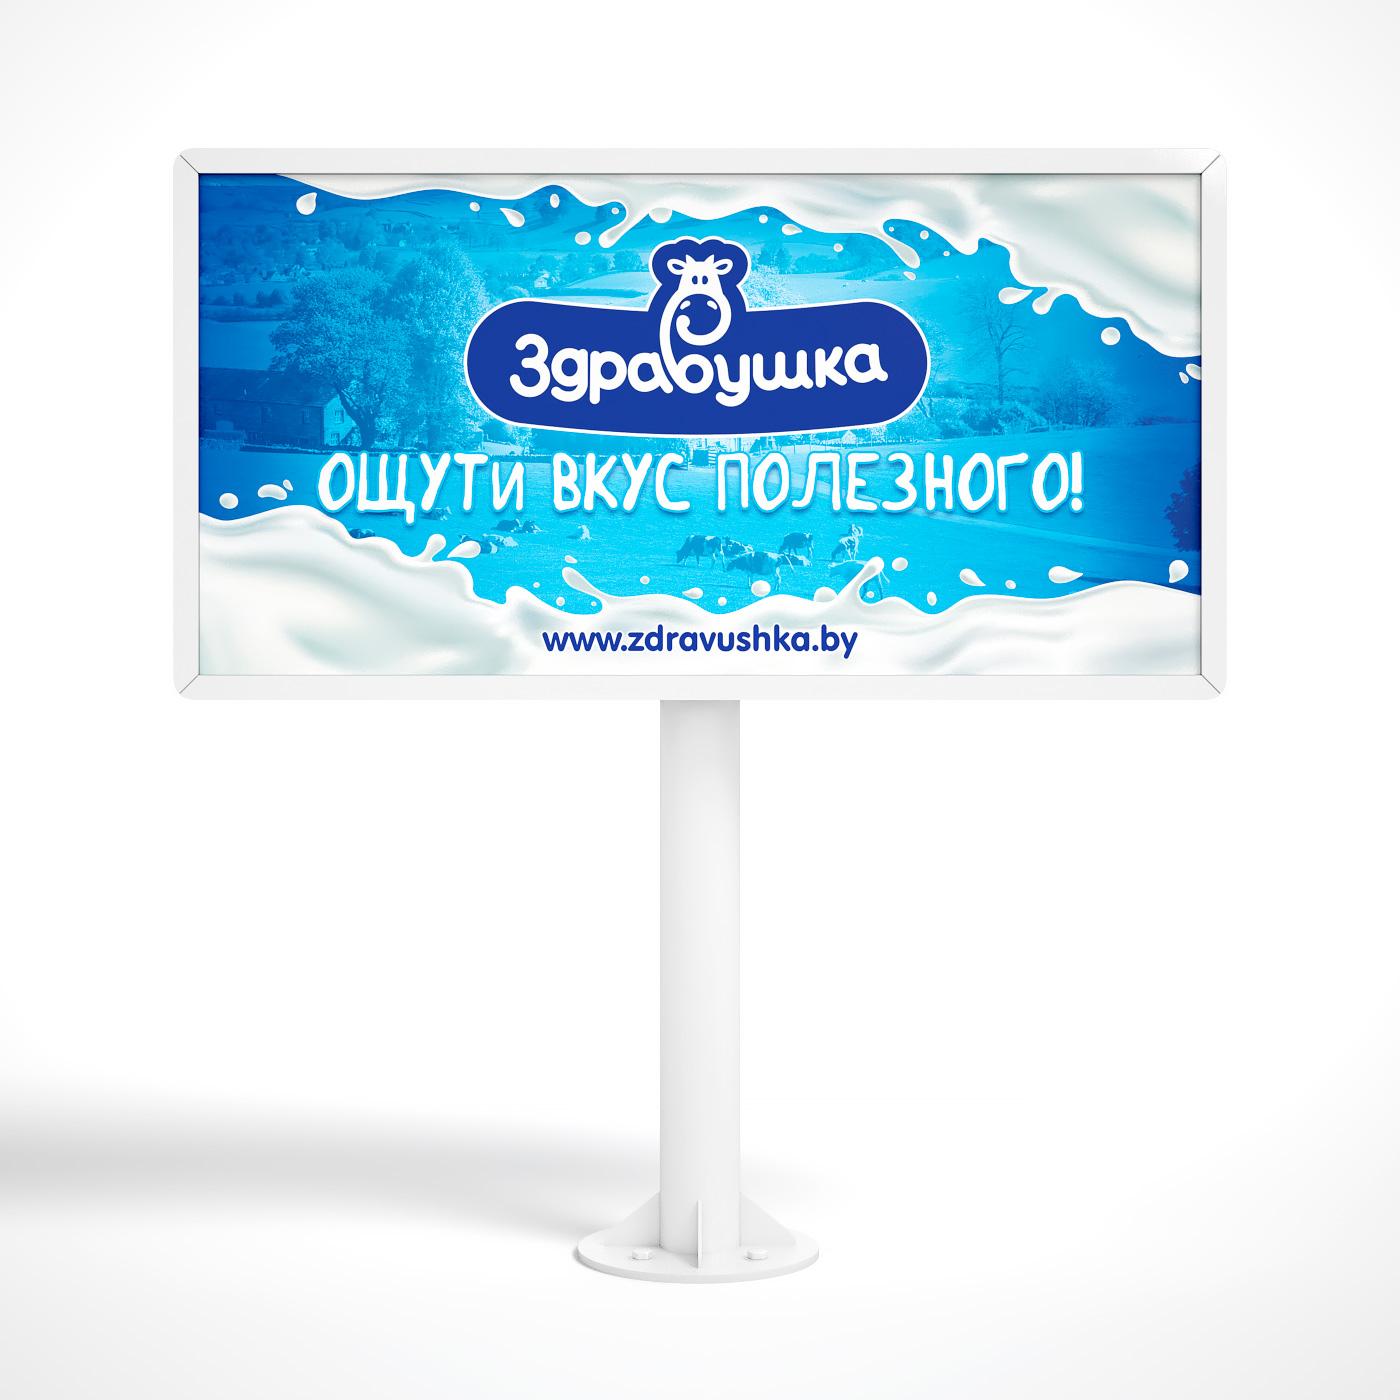 Здравушка-милк - билборд